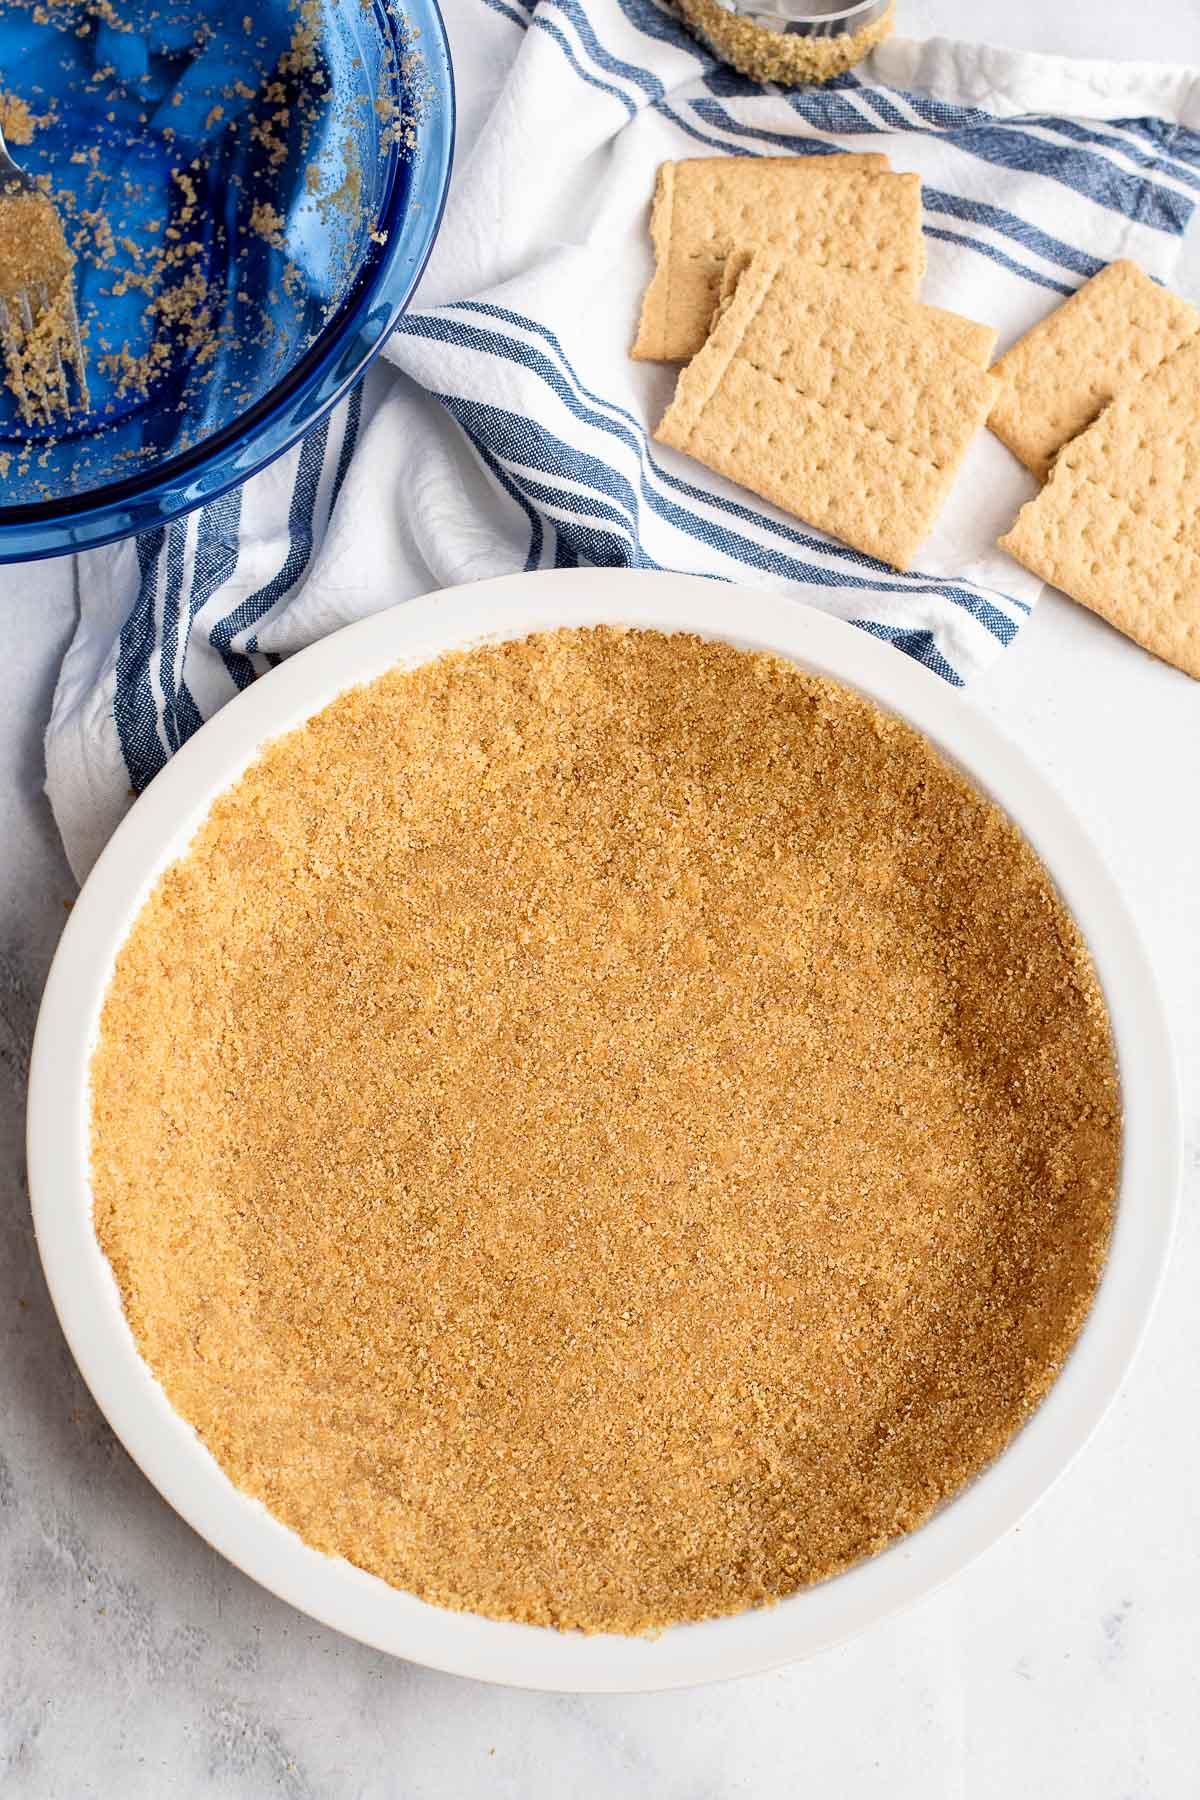 prepared homemade graham cracker pie crust